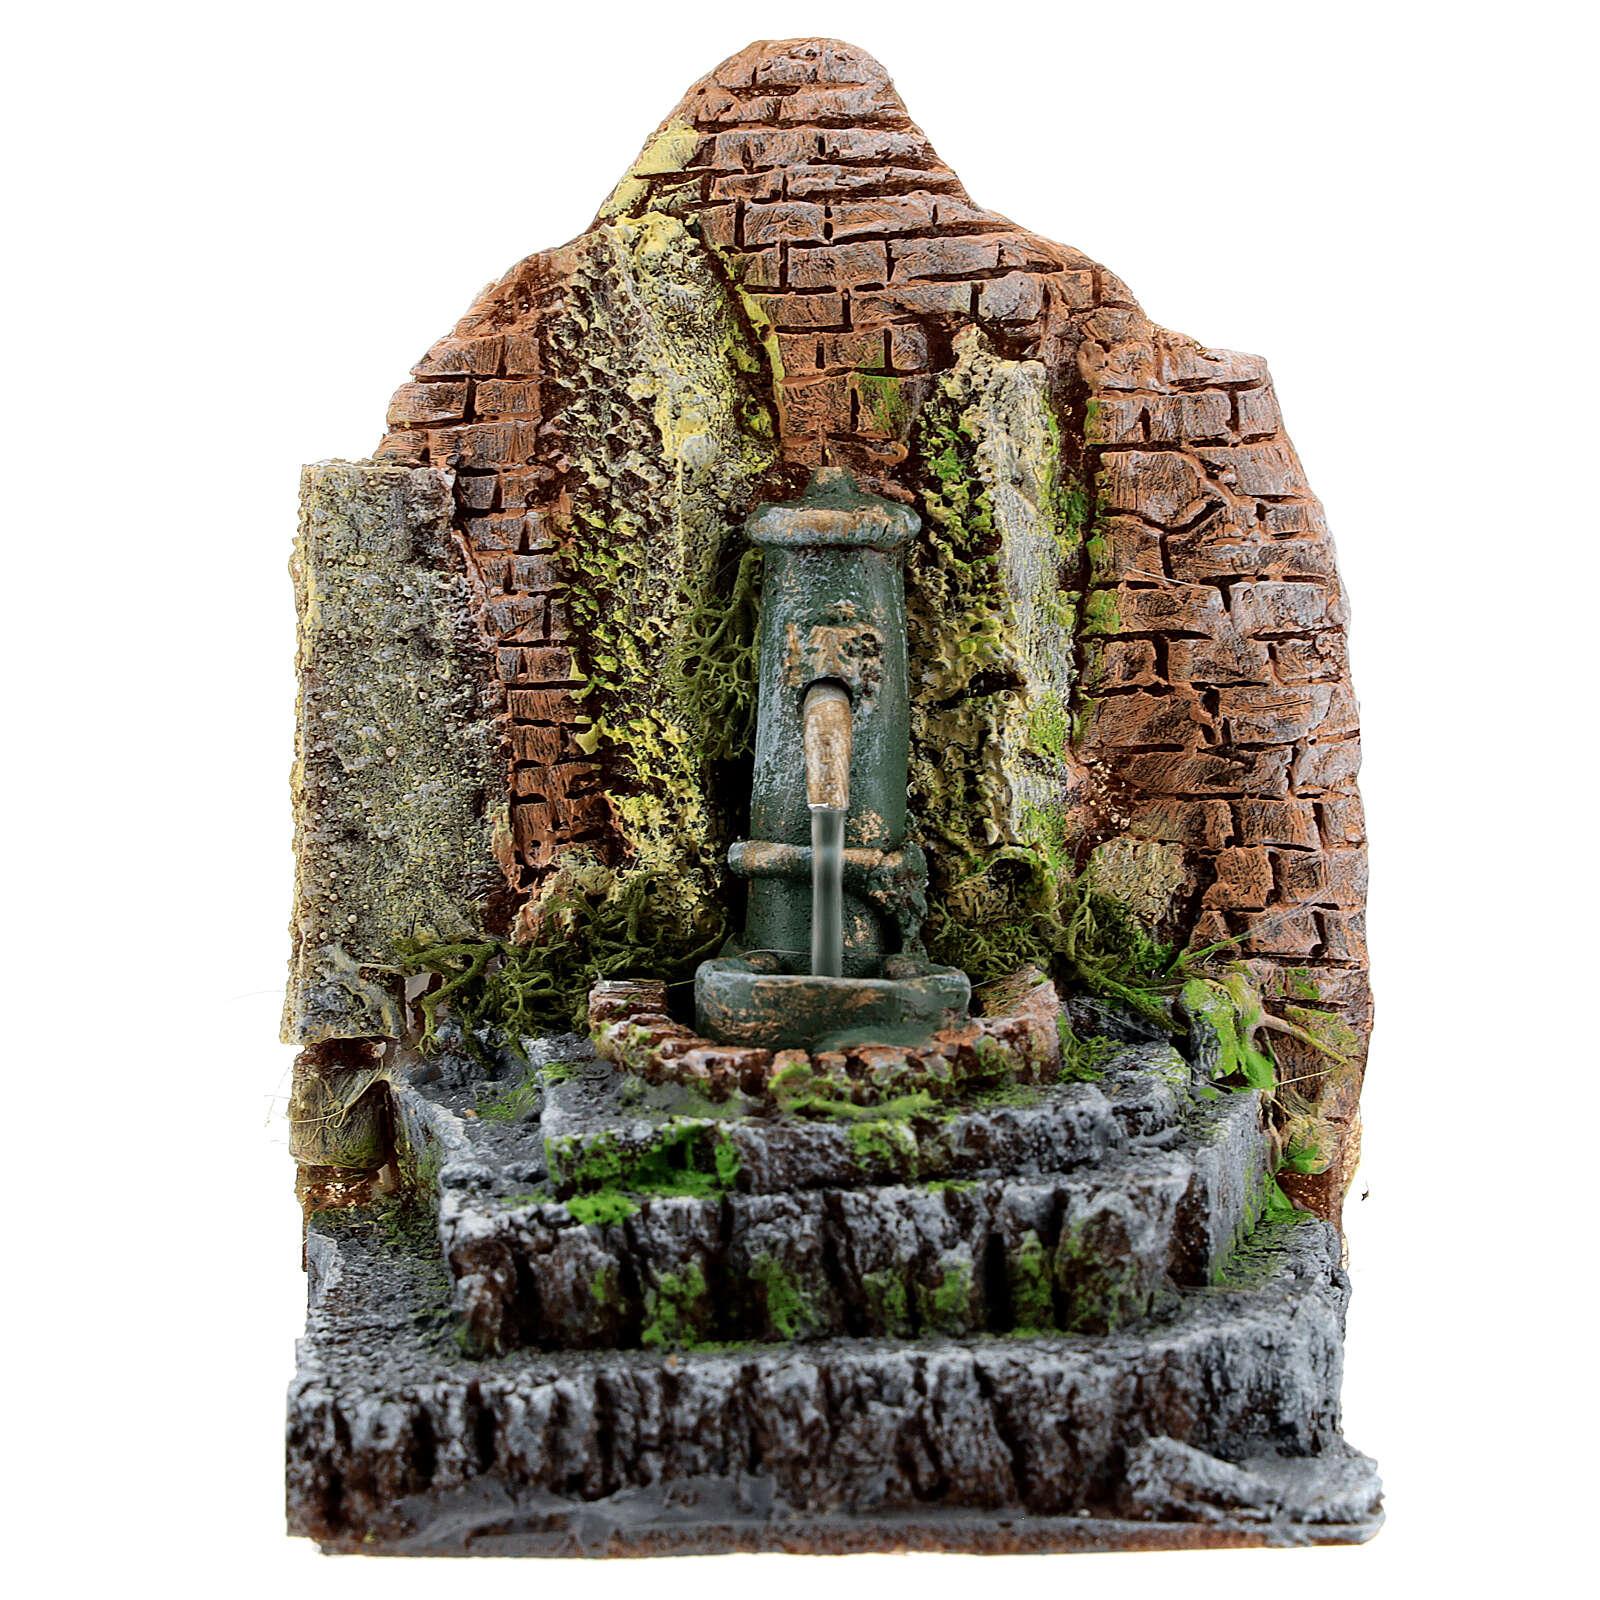 Fountain figurine with brickwork, for 10-12 cm nativity 15x15x10 cm 4